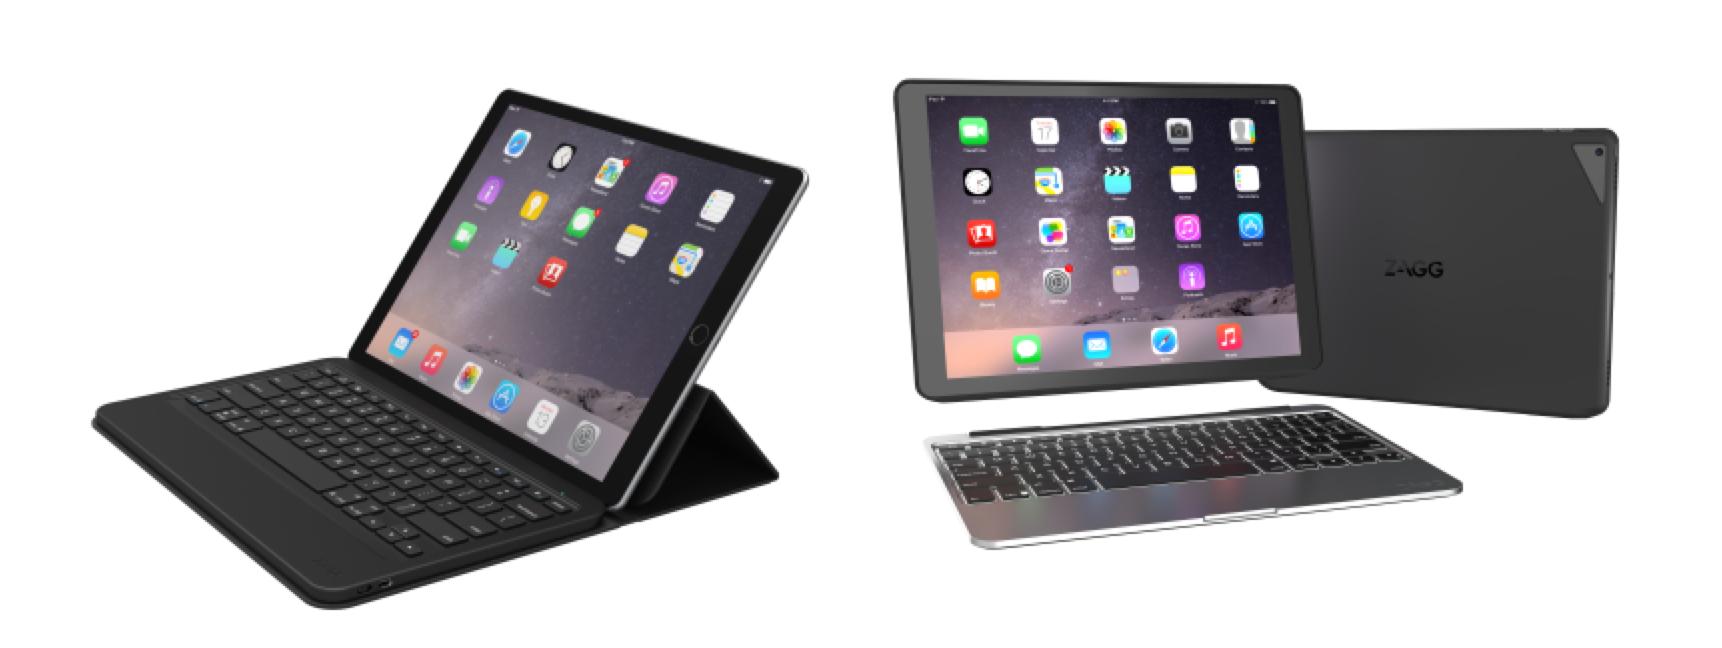 ZAGG-iPad-Pro-cases